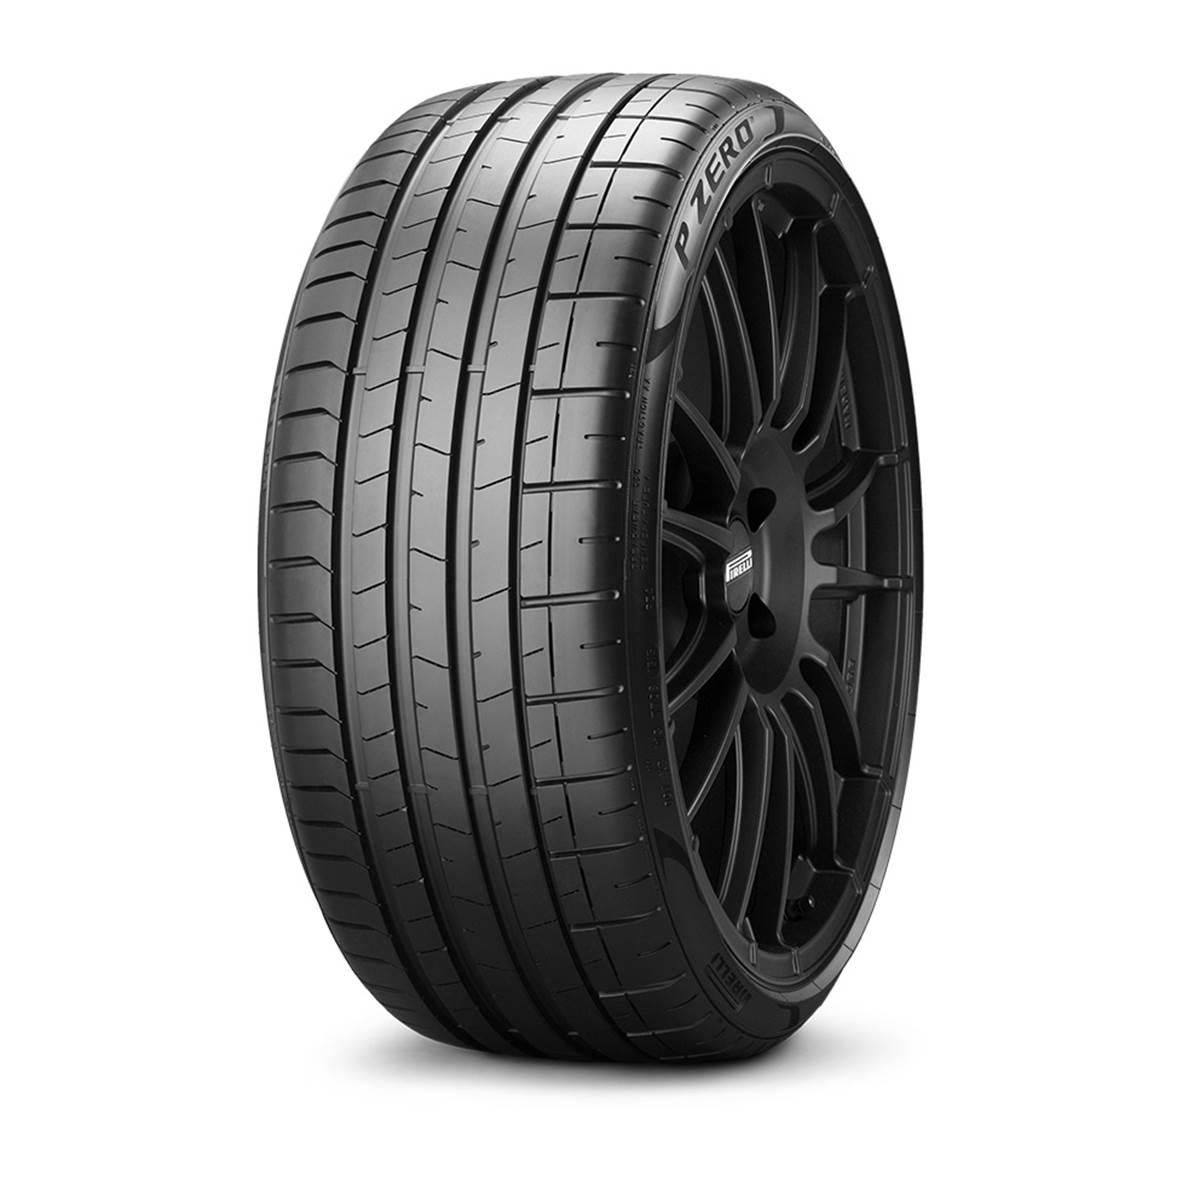 Pneu Pirelli 315/35R20 106Y Pzero